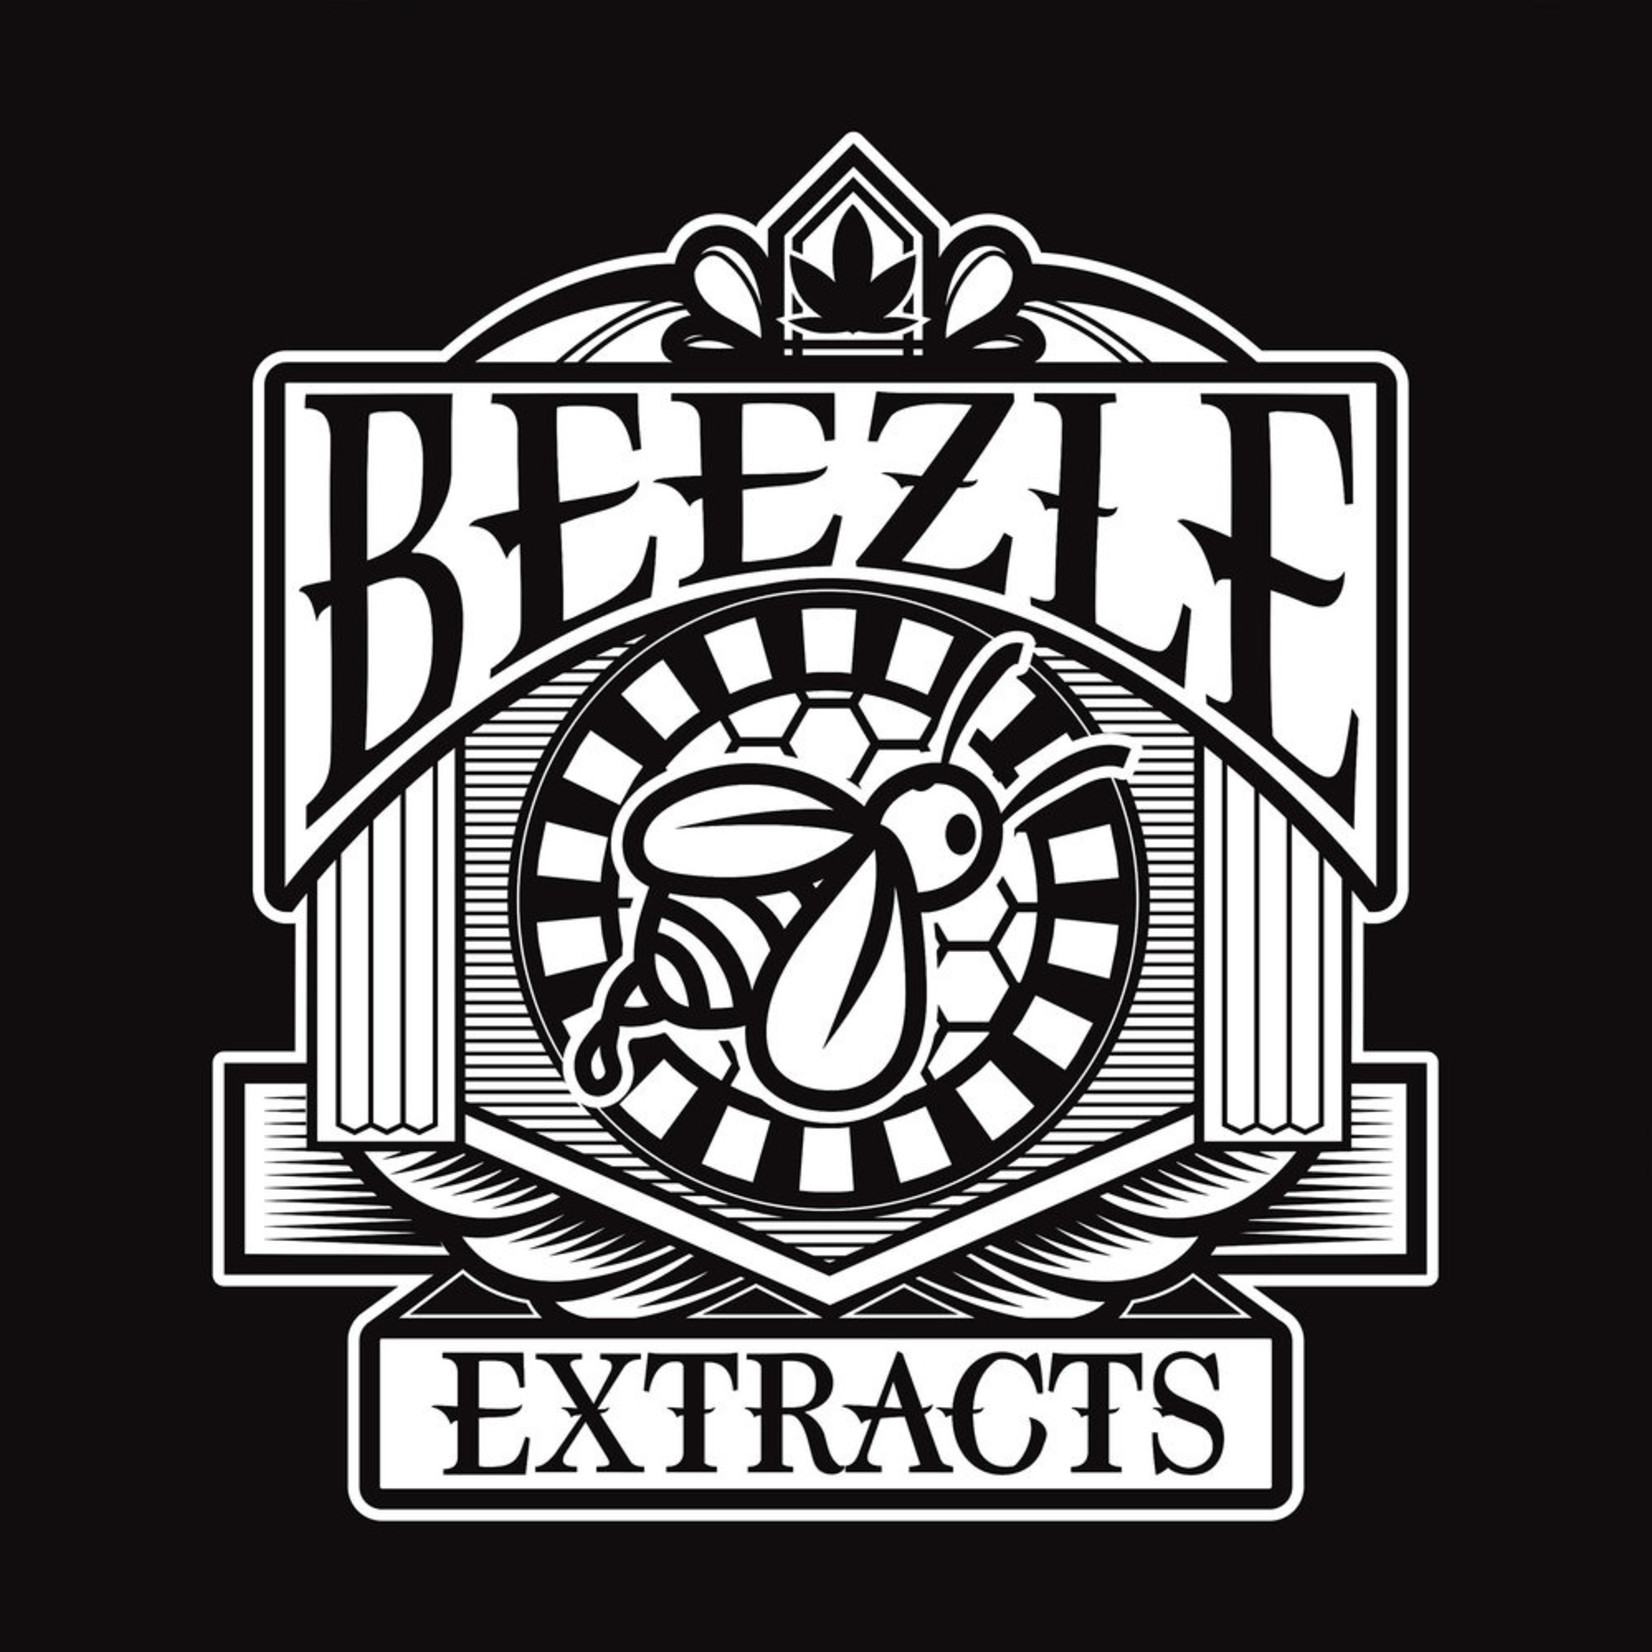 Beezle / Tropical Z